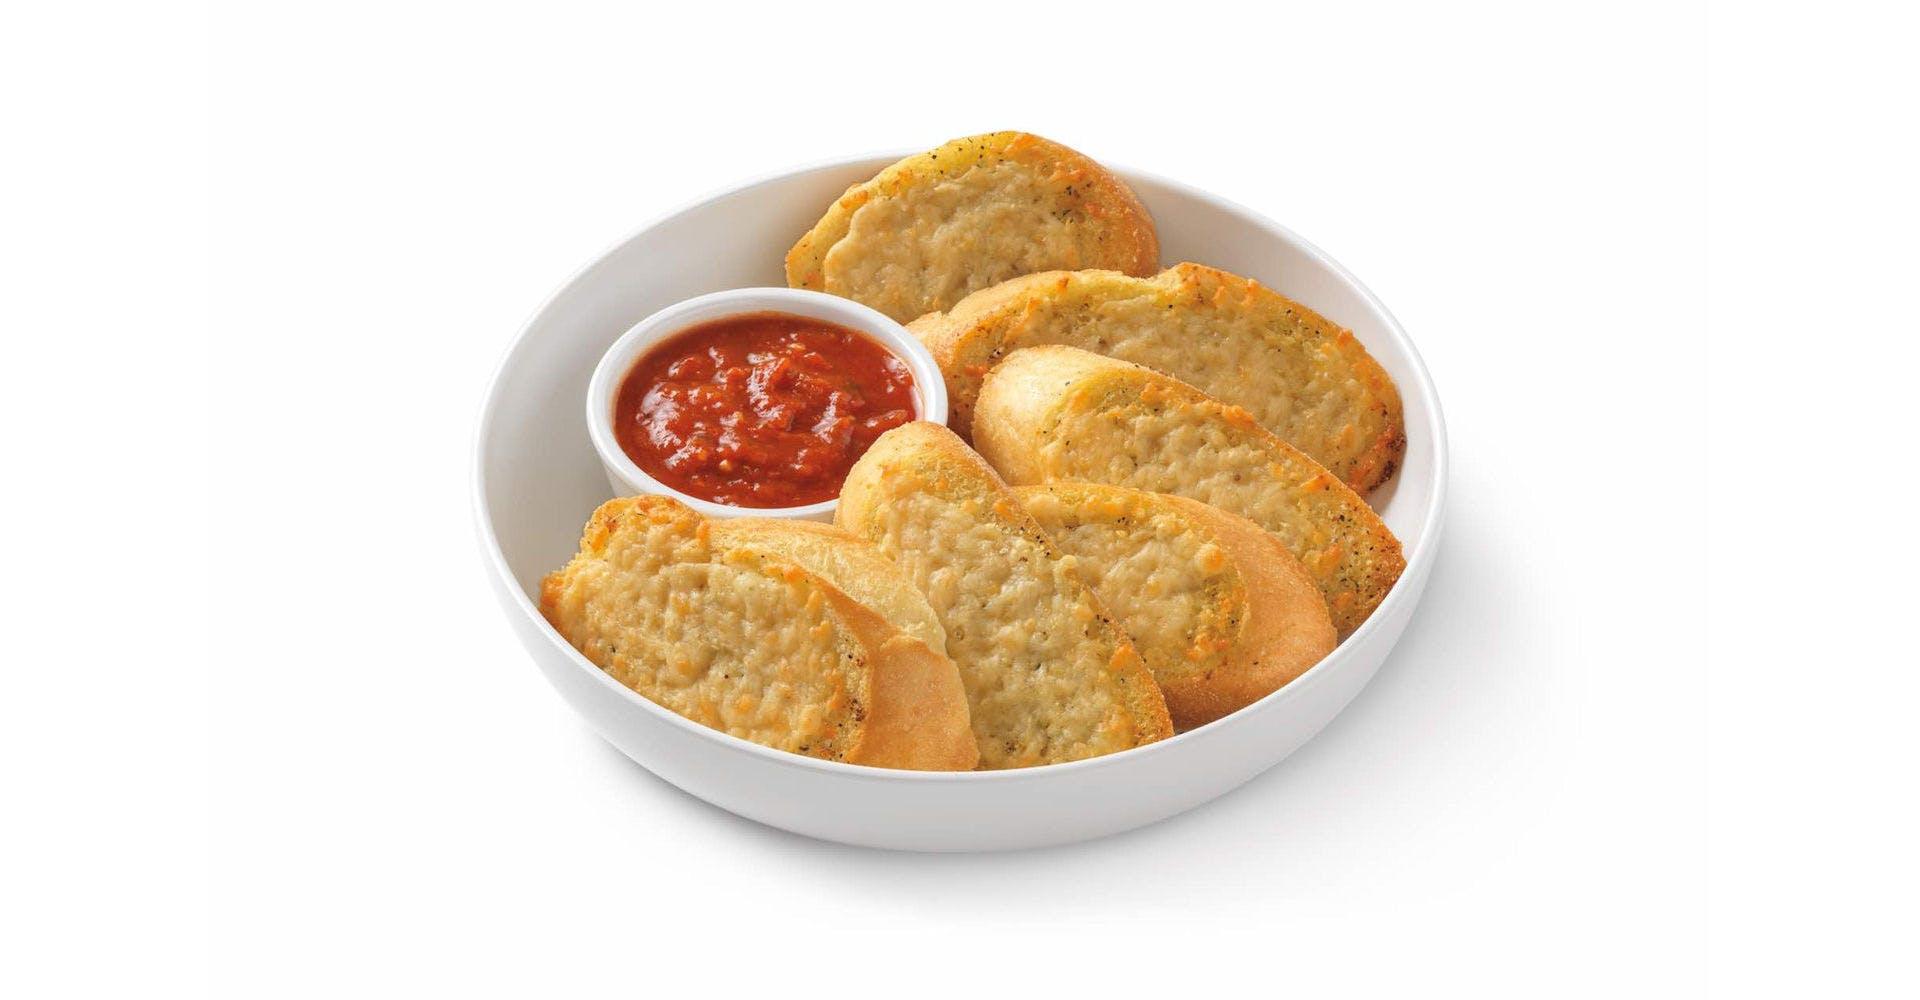 Cheesy Garlic Bread from Noodles & Company - Kenosha 118th Ave in Kenosha, WI